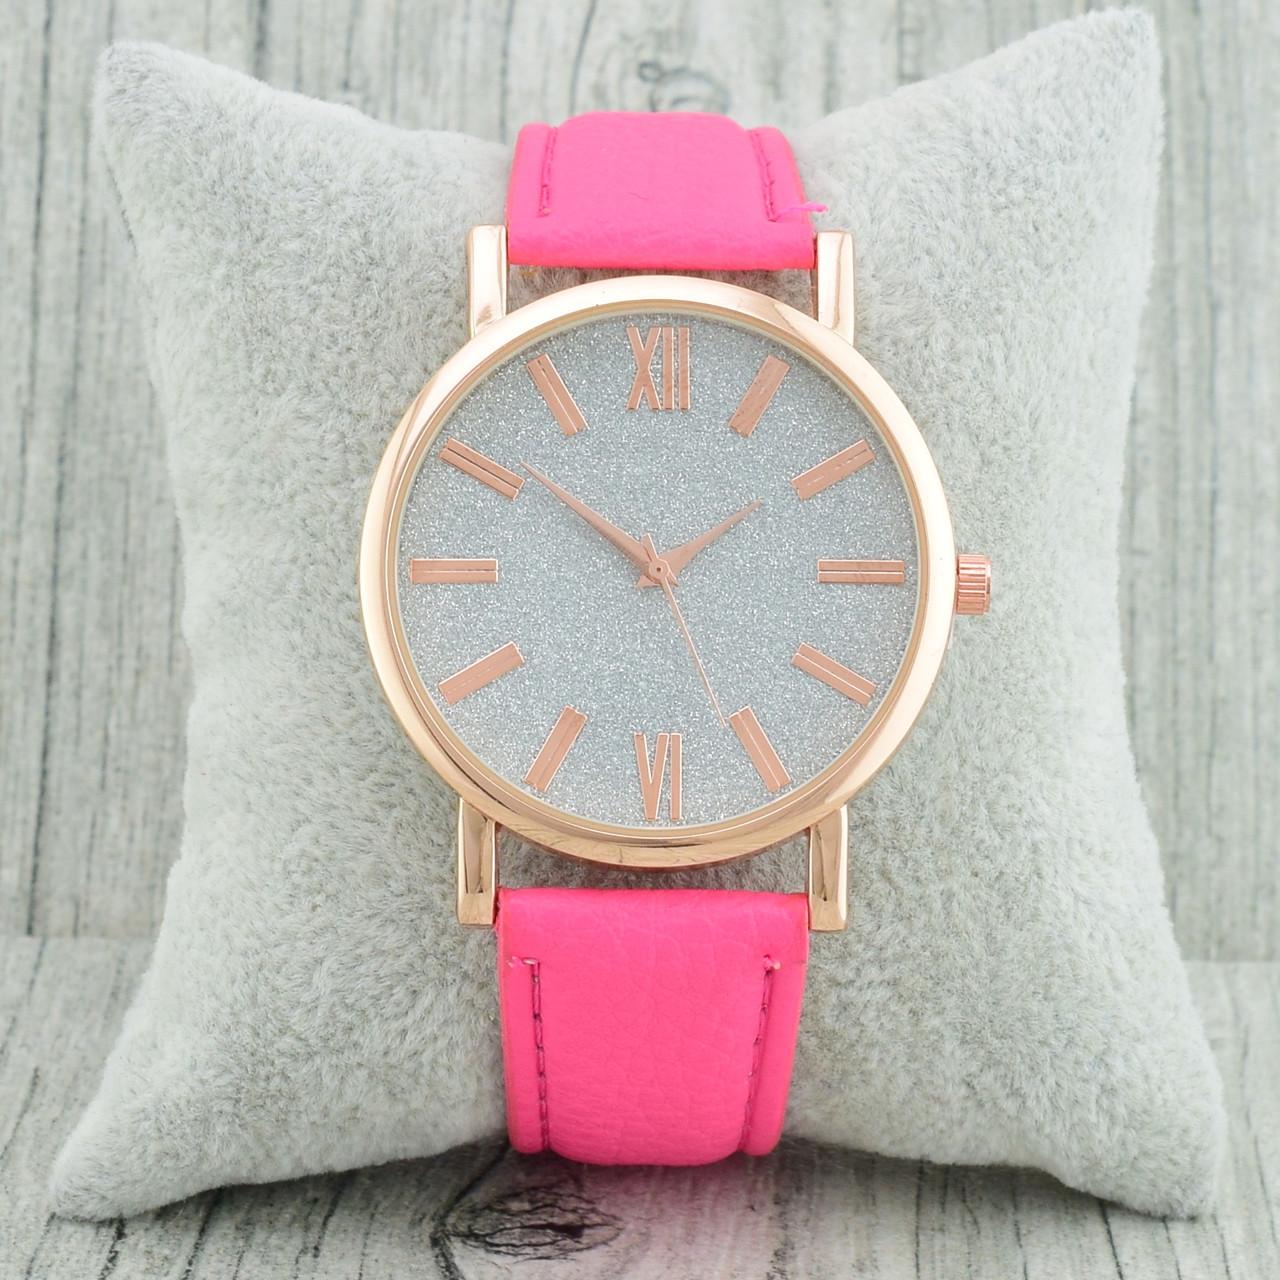 Часы G-008 диаметр циферблата 3.8 см, длина ремешка 17-21 см, цвет фуксия, позолота РО